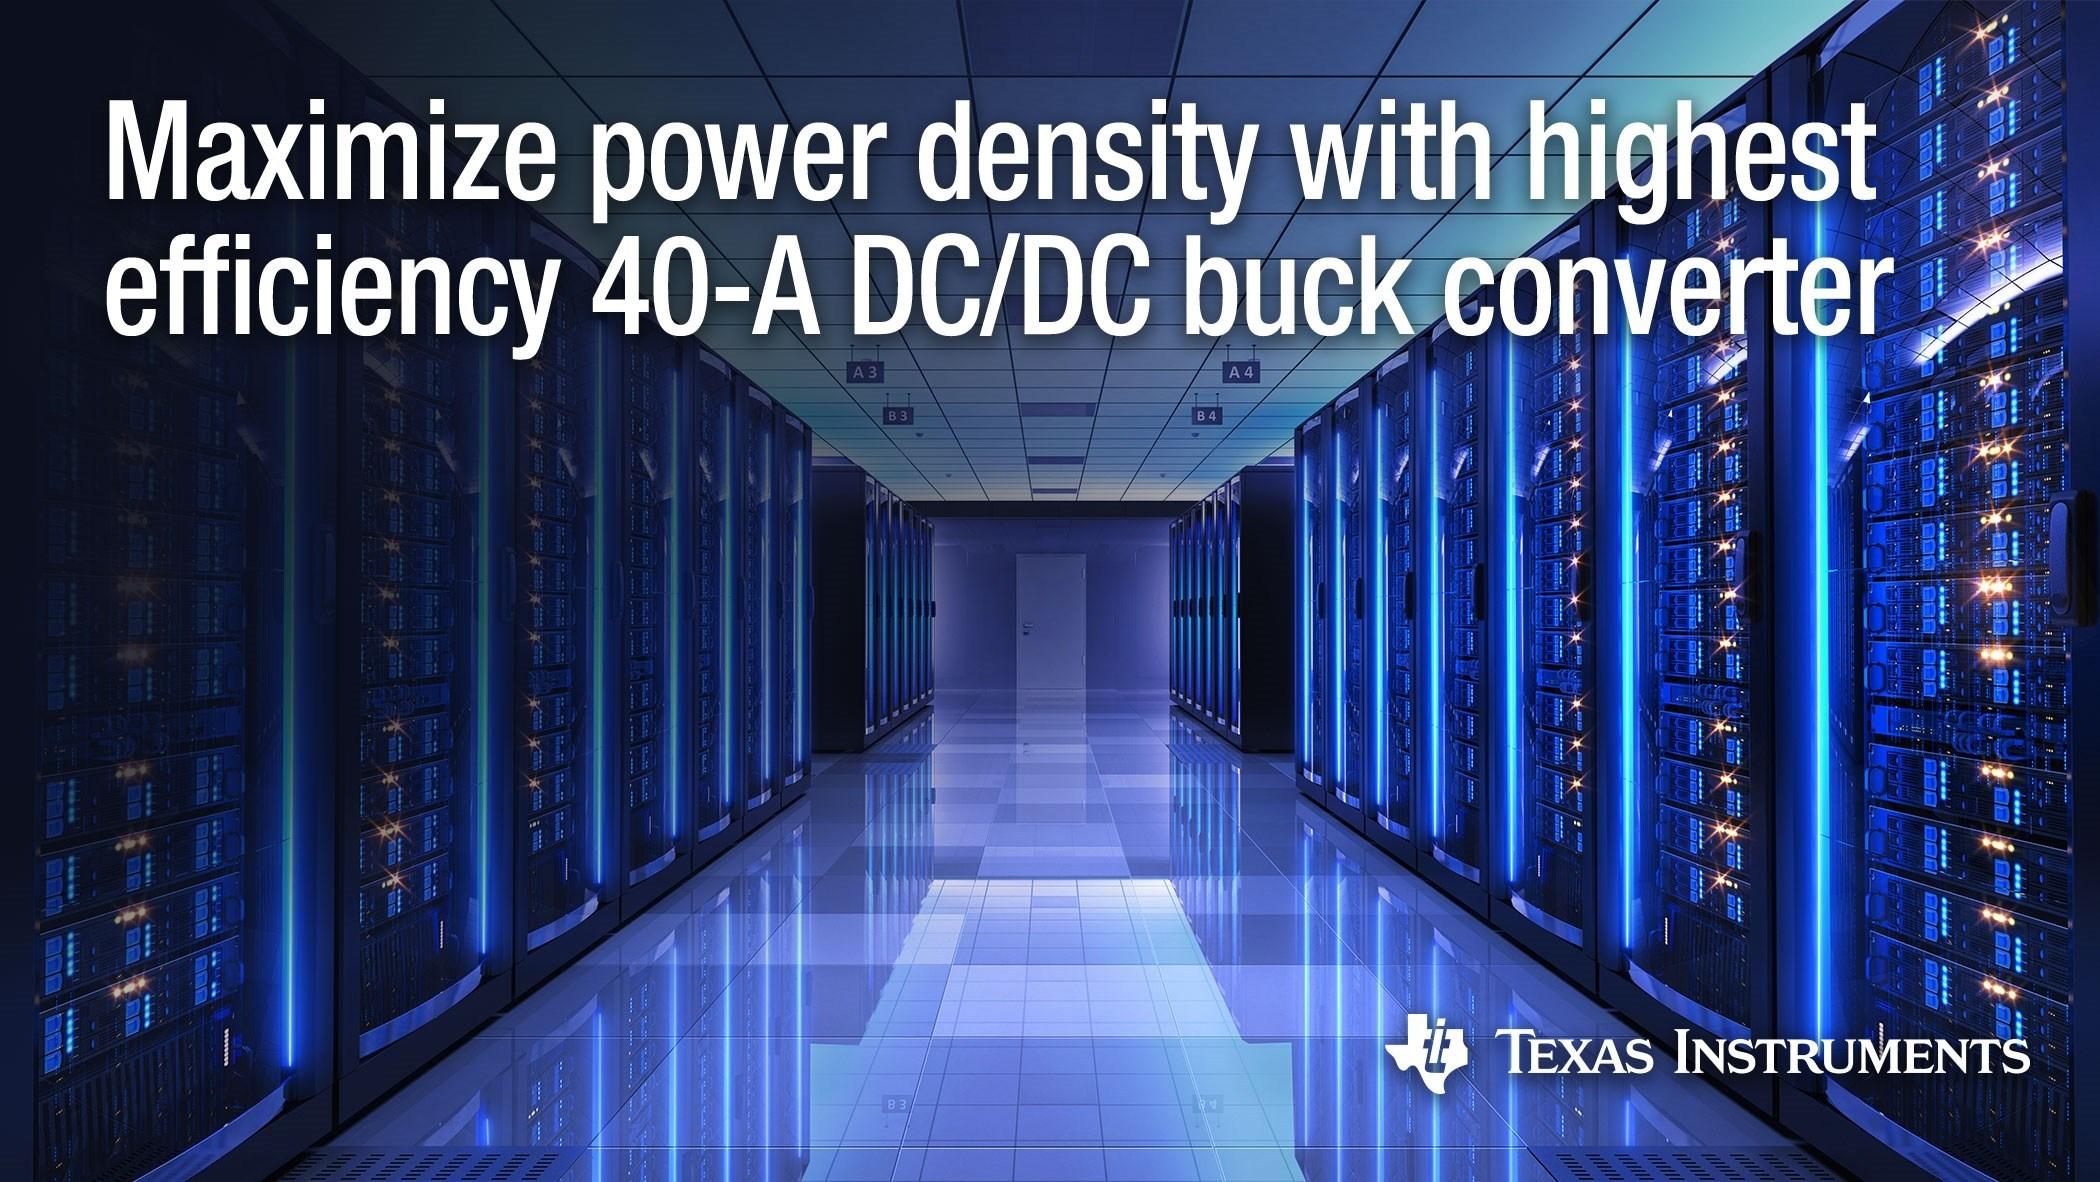 德州儀器推出堆棧式DC/DC降壓轉換器,實現高電流FPGA和處理器電源的功率密度更大化